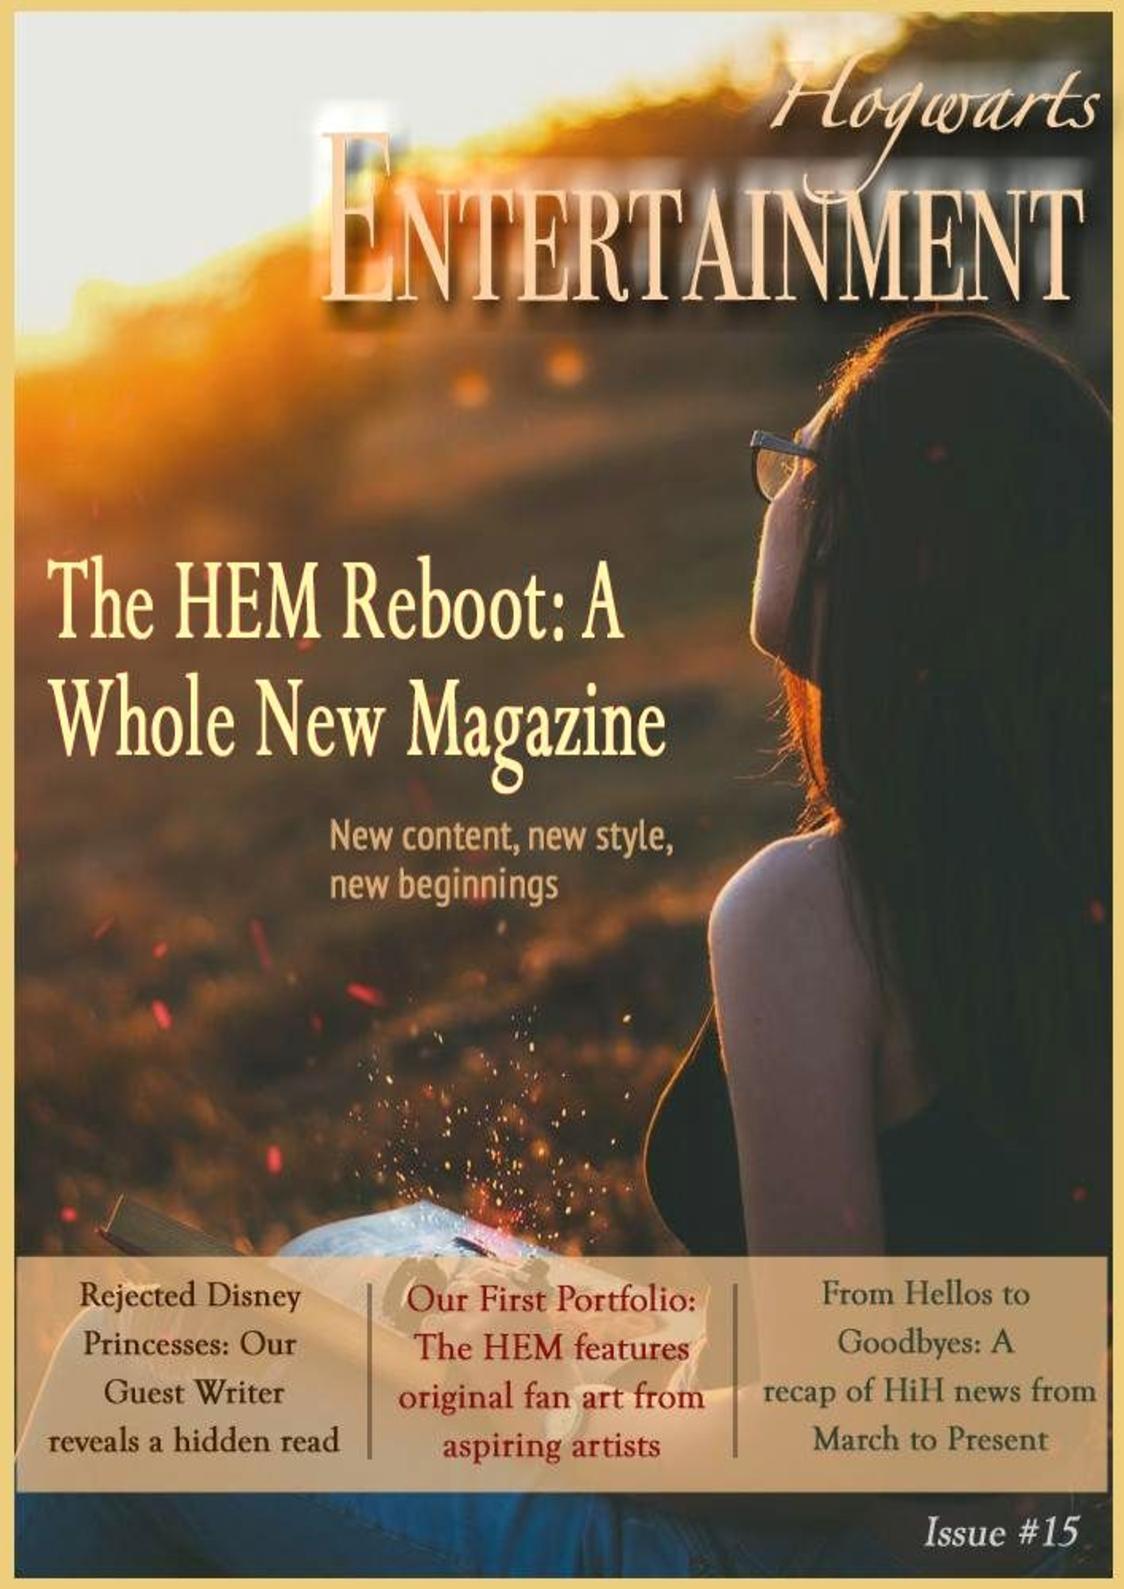 The Hogwarts Entertainment Magazine Issue #15